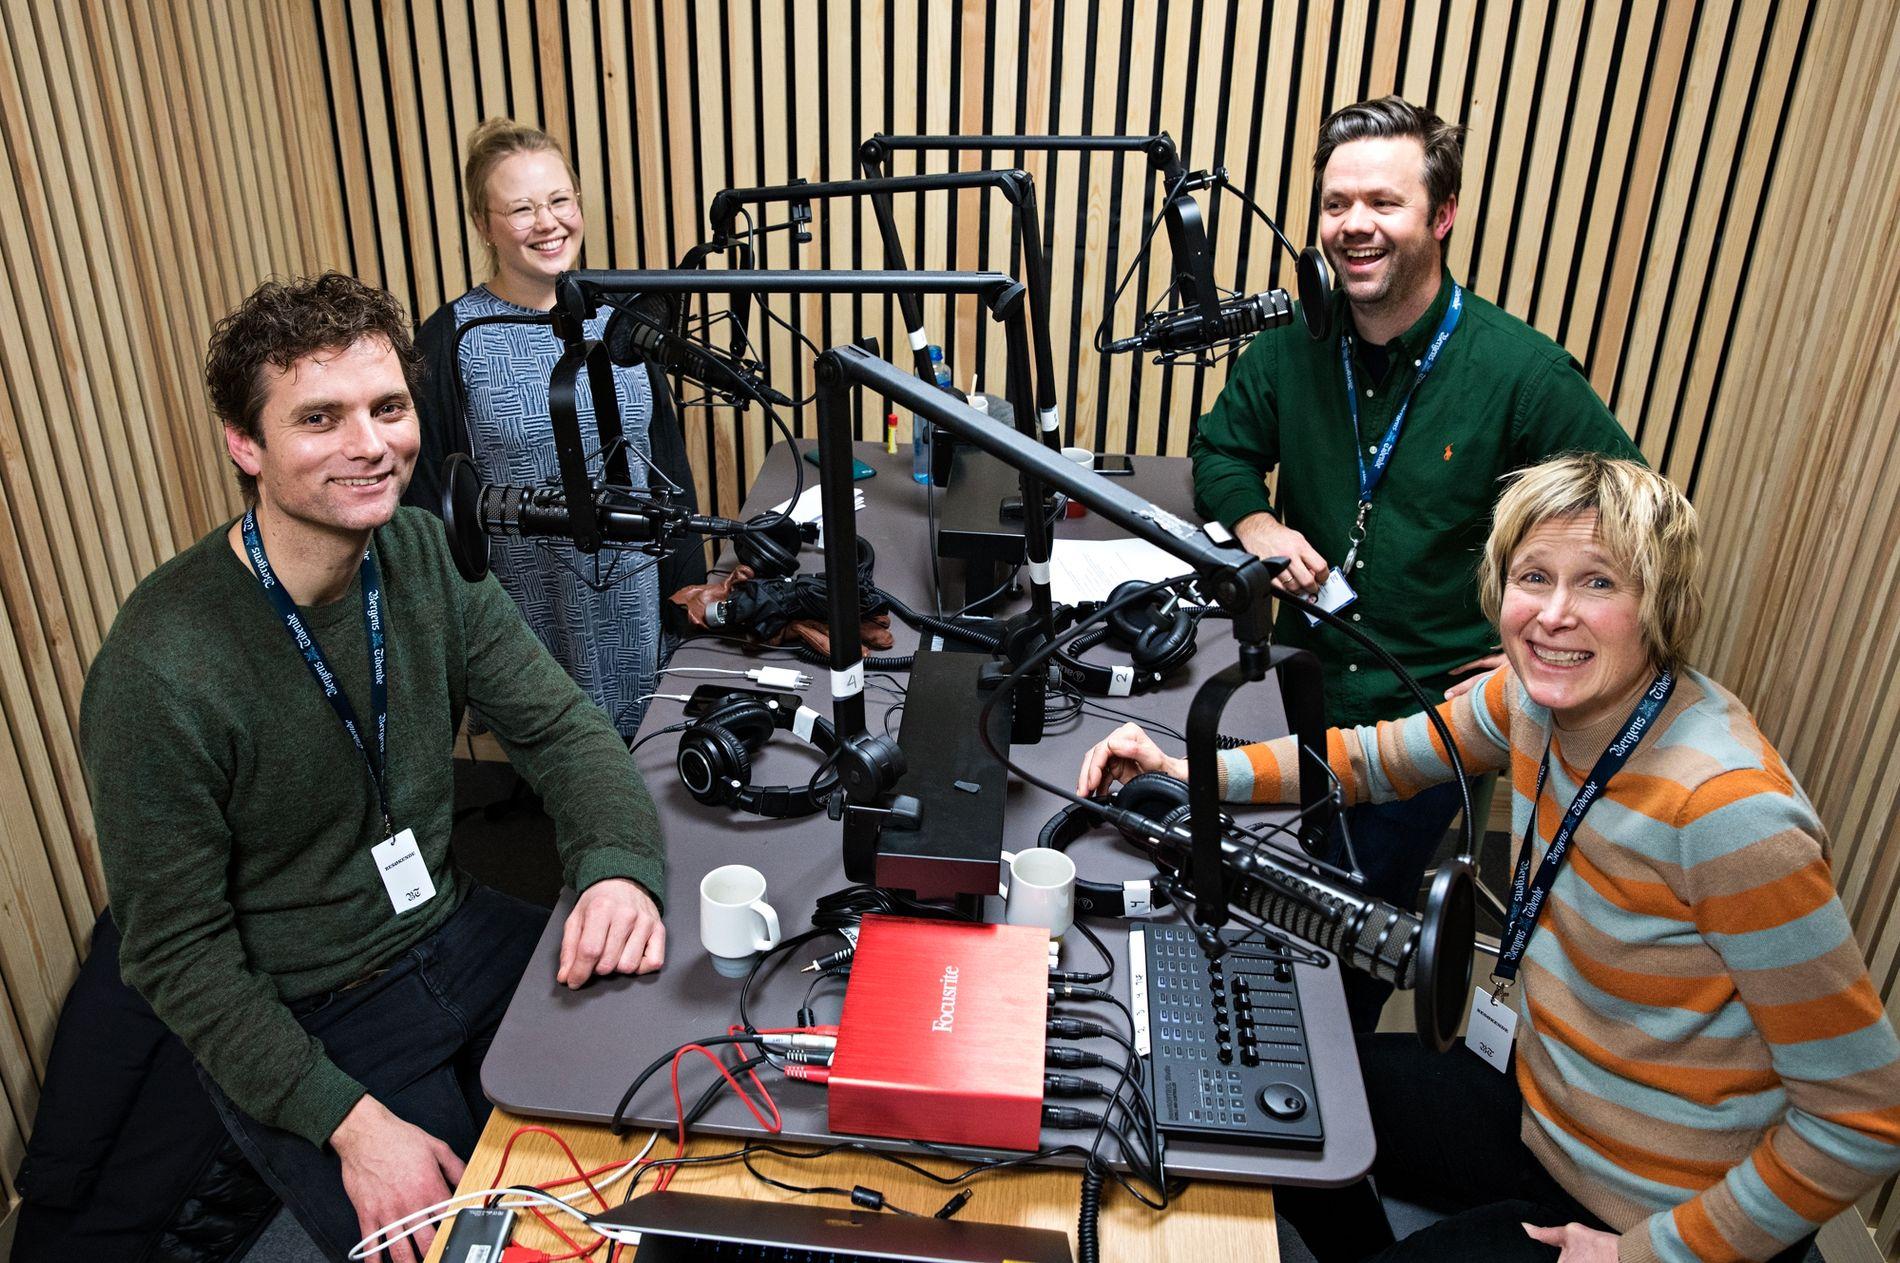 DOBBELT SÅ MANGE SEERE SOM «SKAVLAN»: Linda Eide har for tiden mer enn dobbelt så mange seere som «Skavlan», med sitt «Eides Språksjov». Her er hun i BTs studio sammen med Morten Svartveit. Bak ser vi BT-journalistene Guro H. Bergesen og Kjetil K. Ullebø.